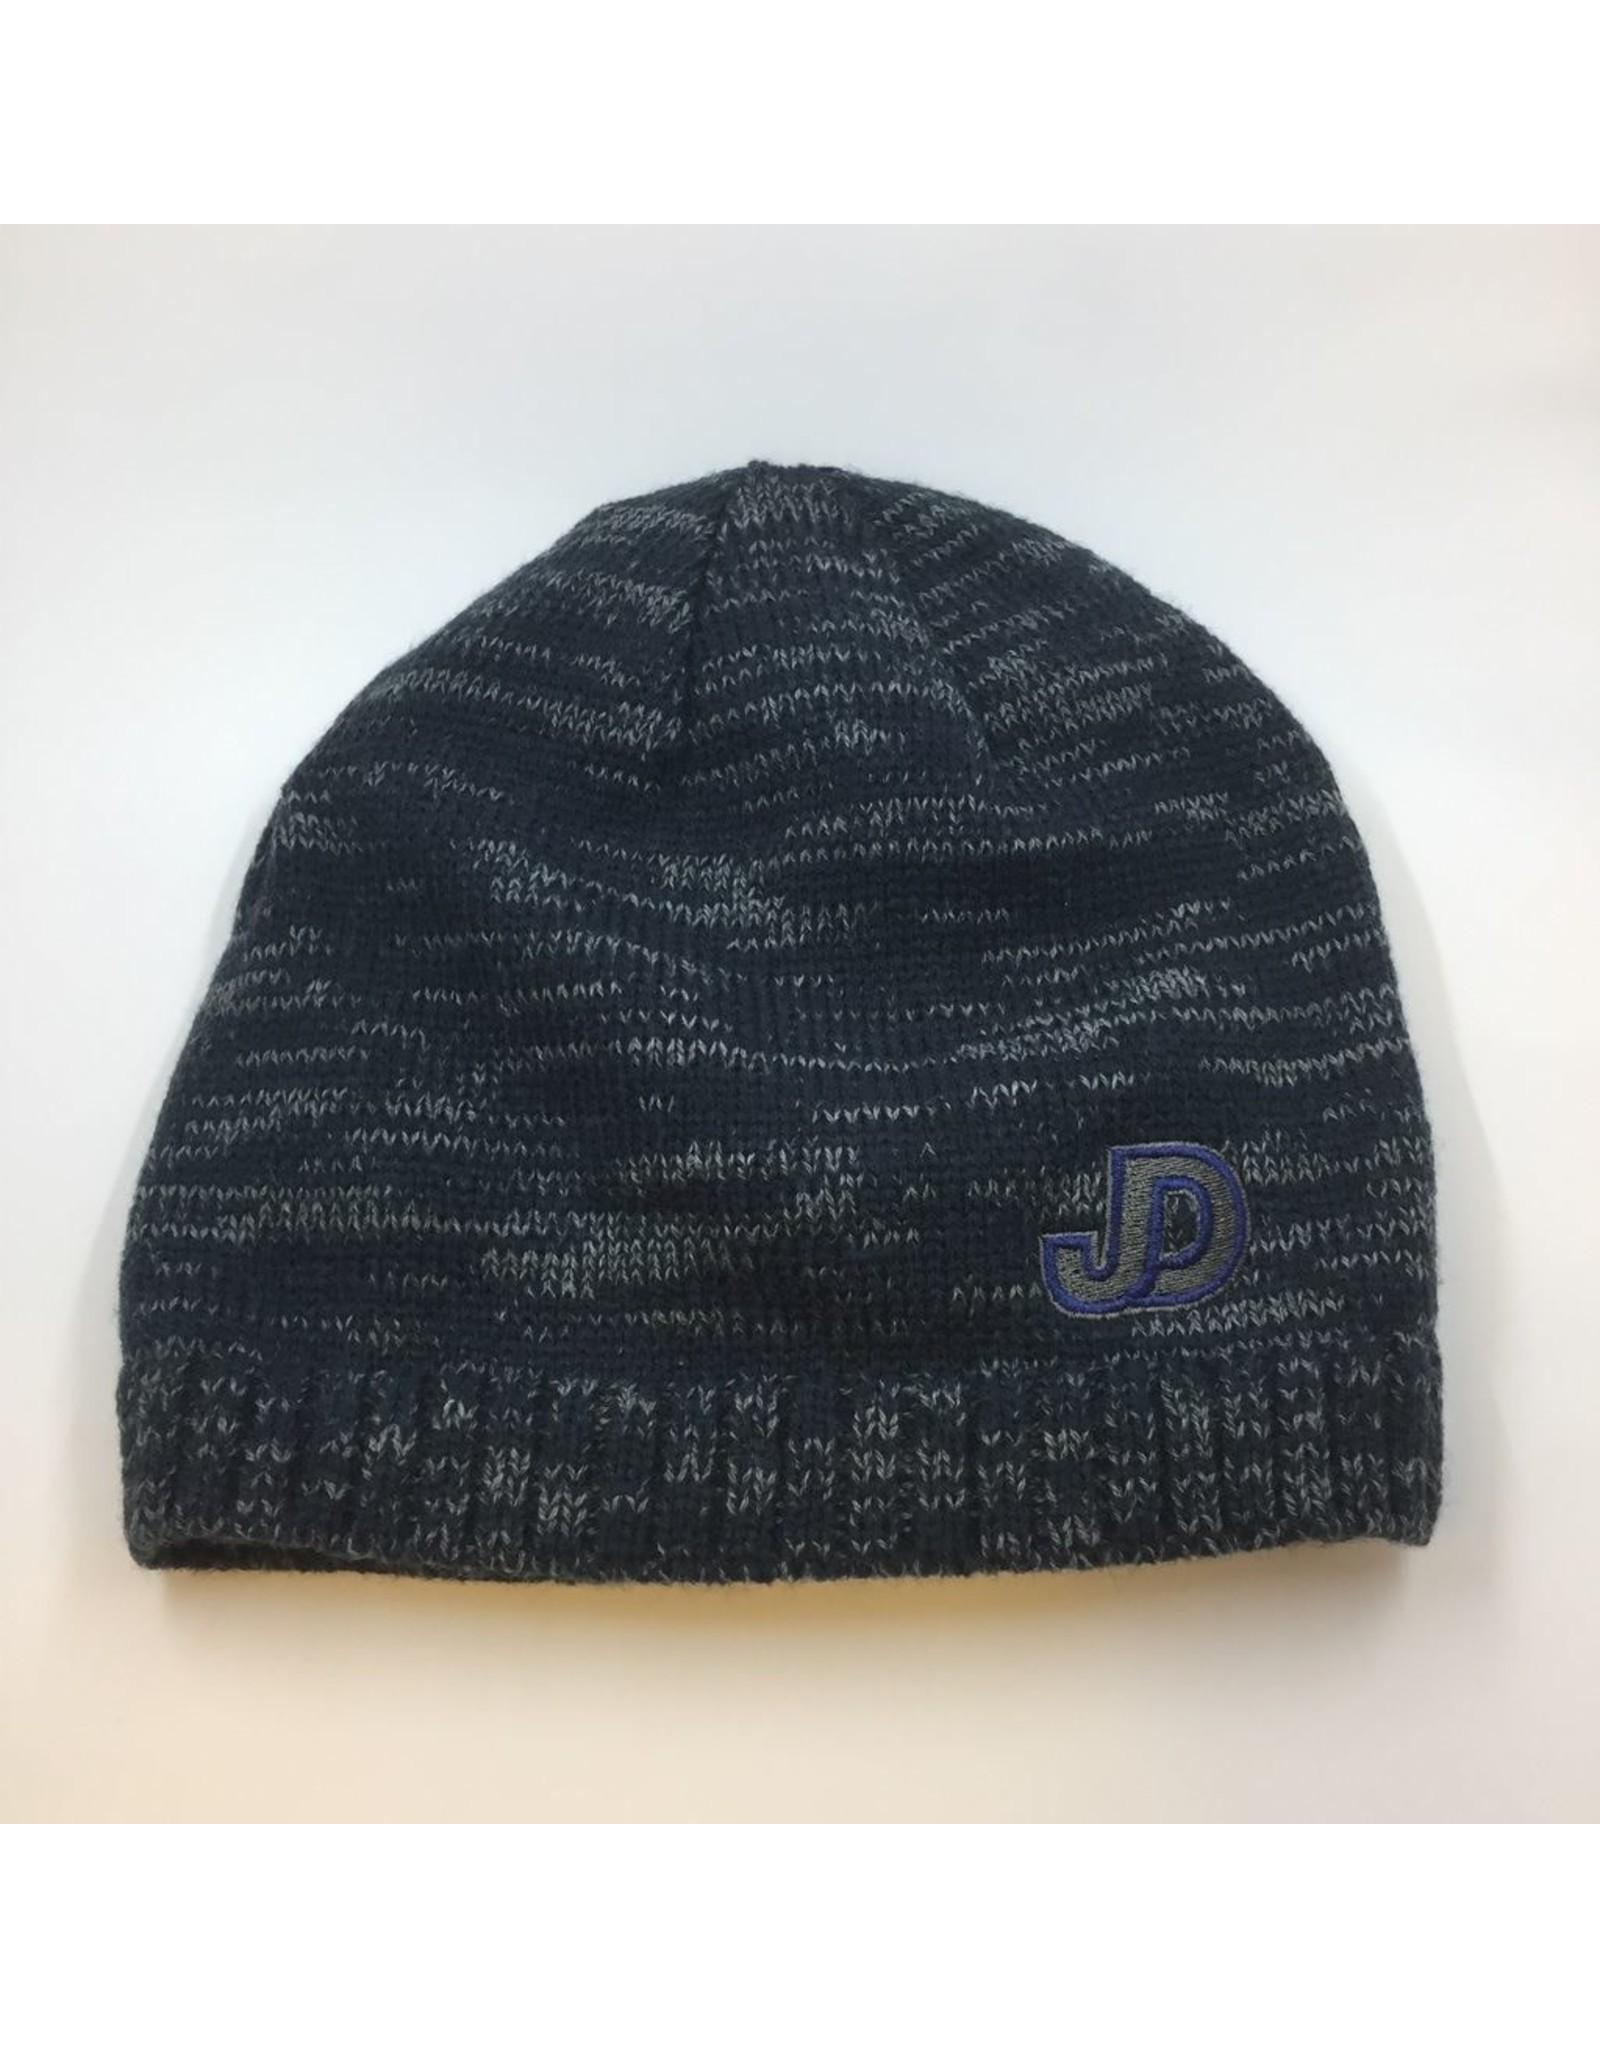 NON-UNIFORM Beanie - JD Navy/Grey Marbled Hat